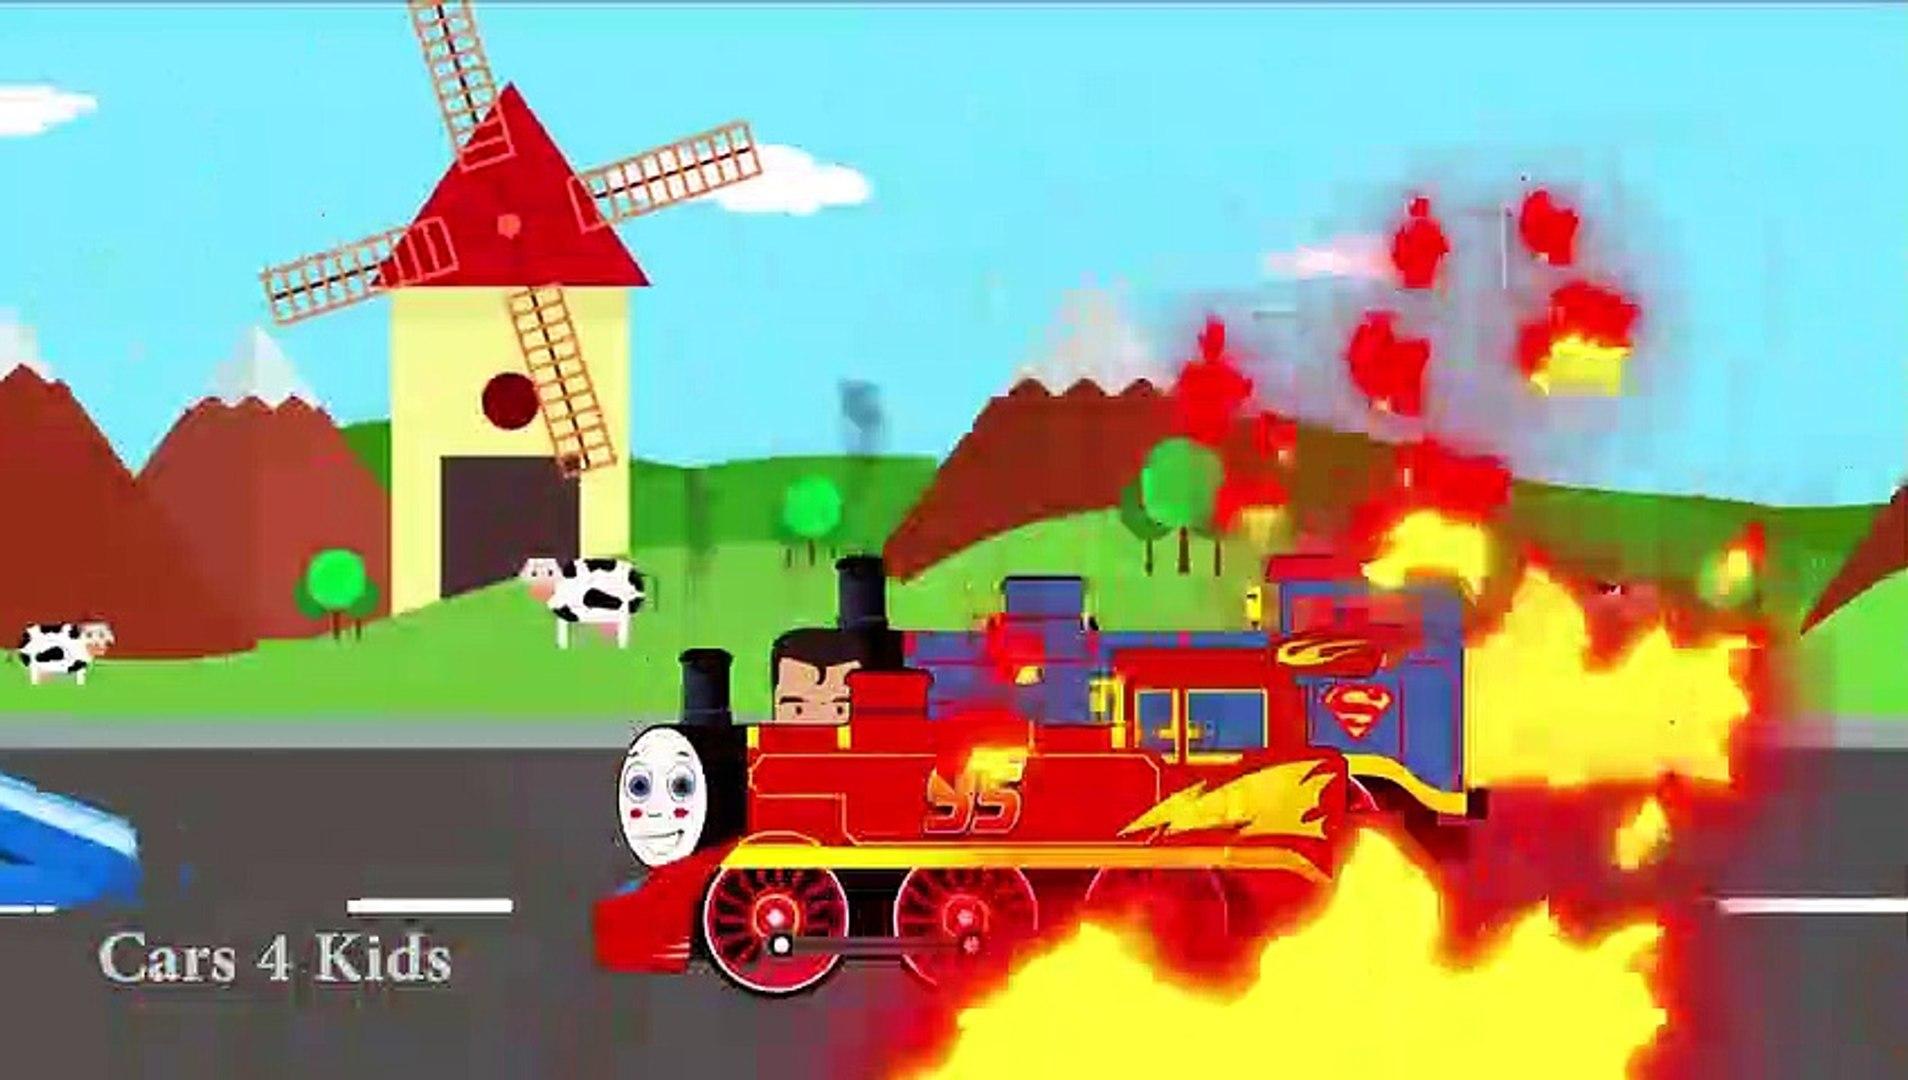 تعلم الألوان والأرقام توماس القطار النقل w ماك شاحنة سيارات الكرتون للأطفال تعلم الفيديو